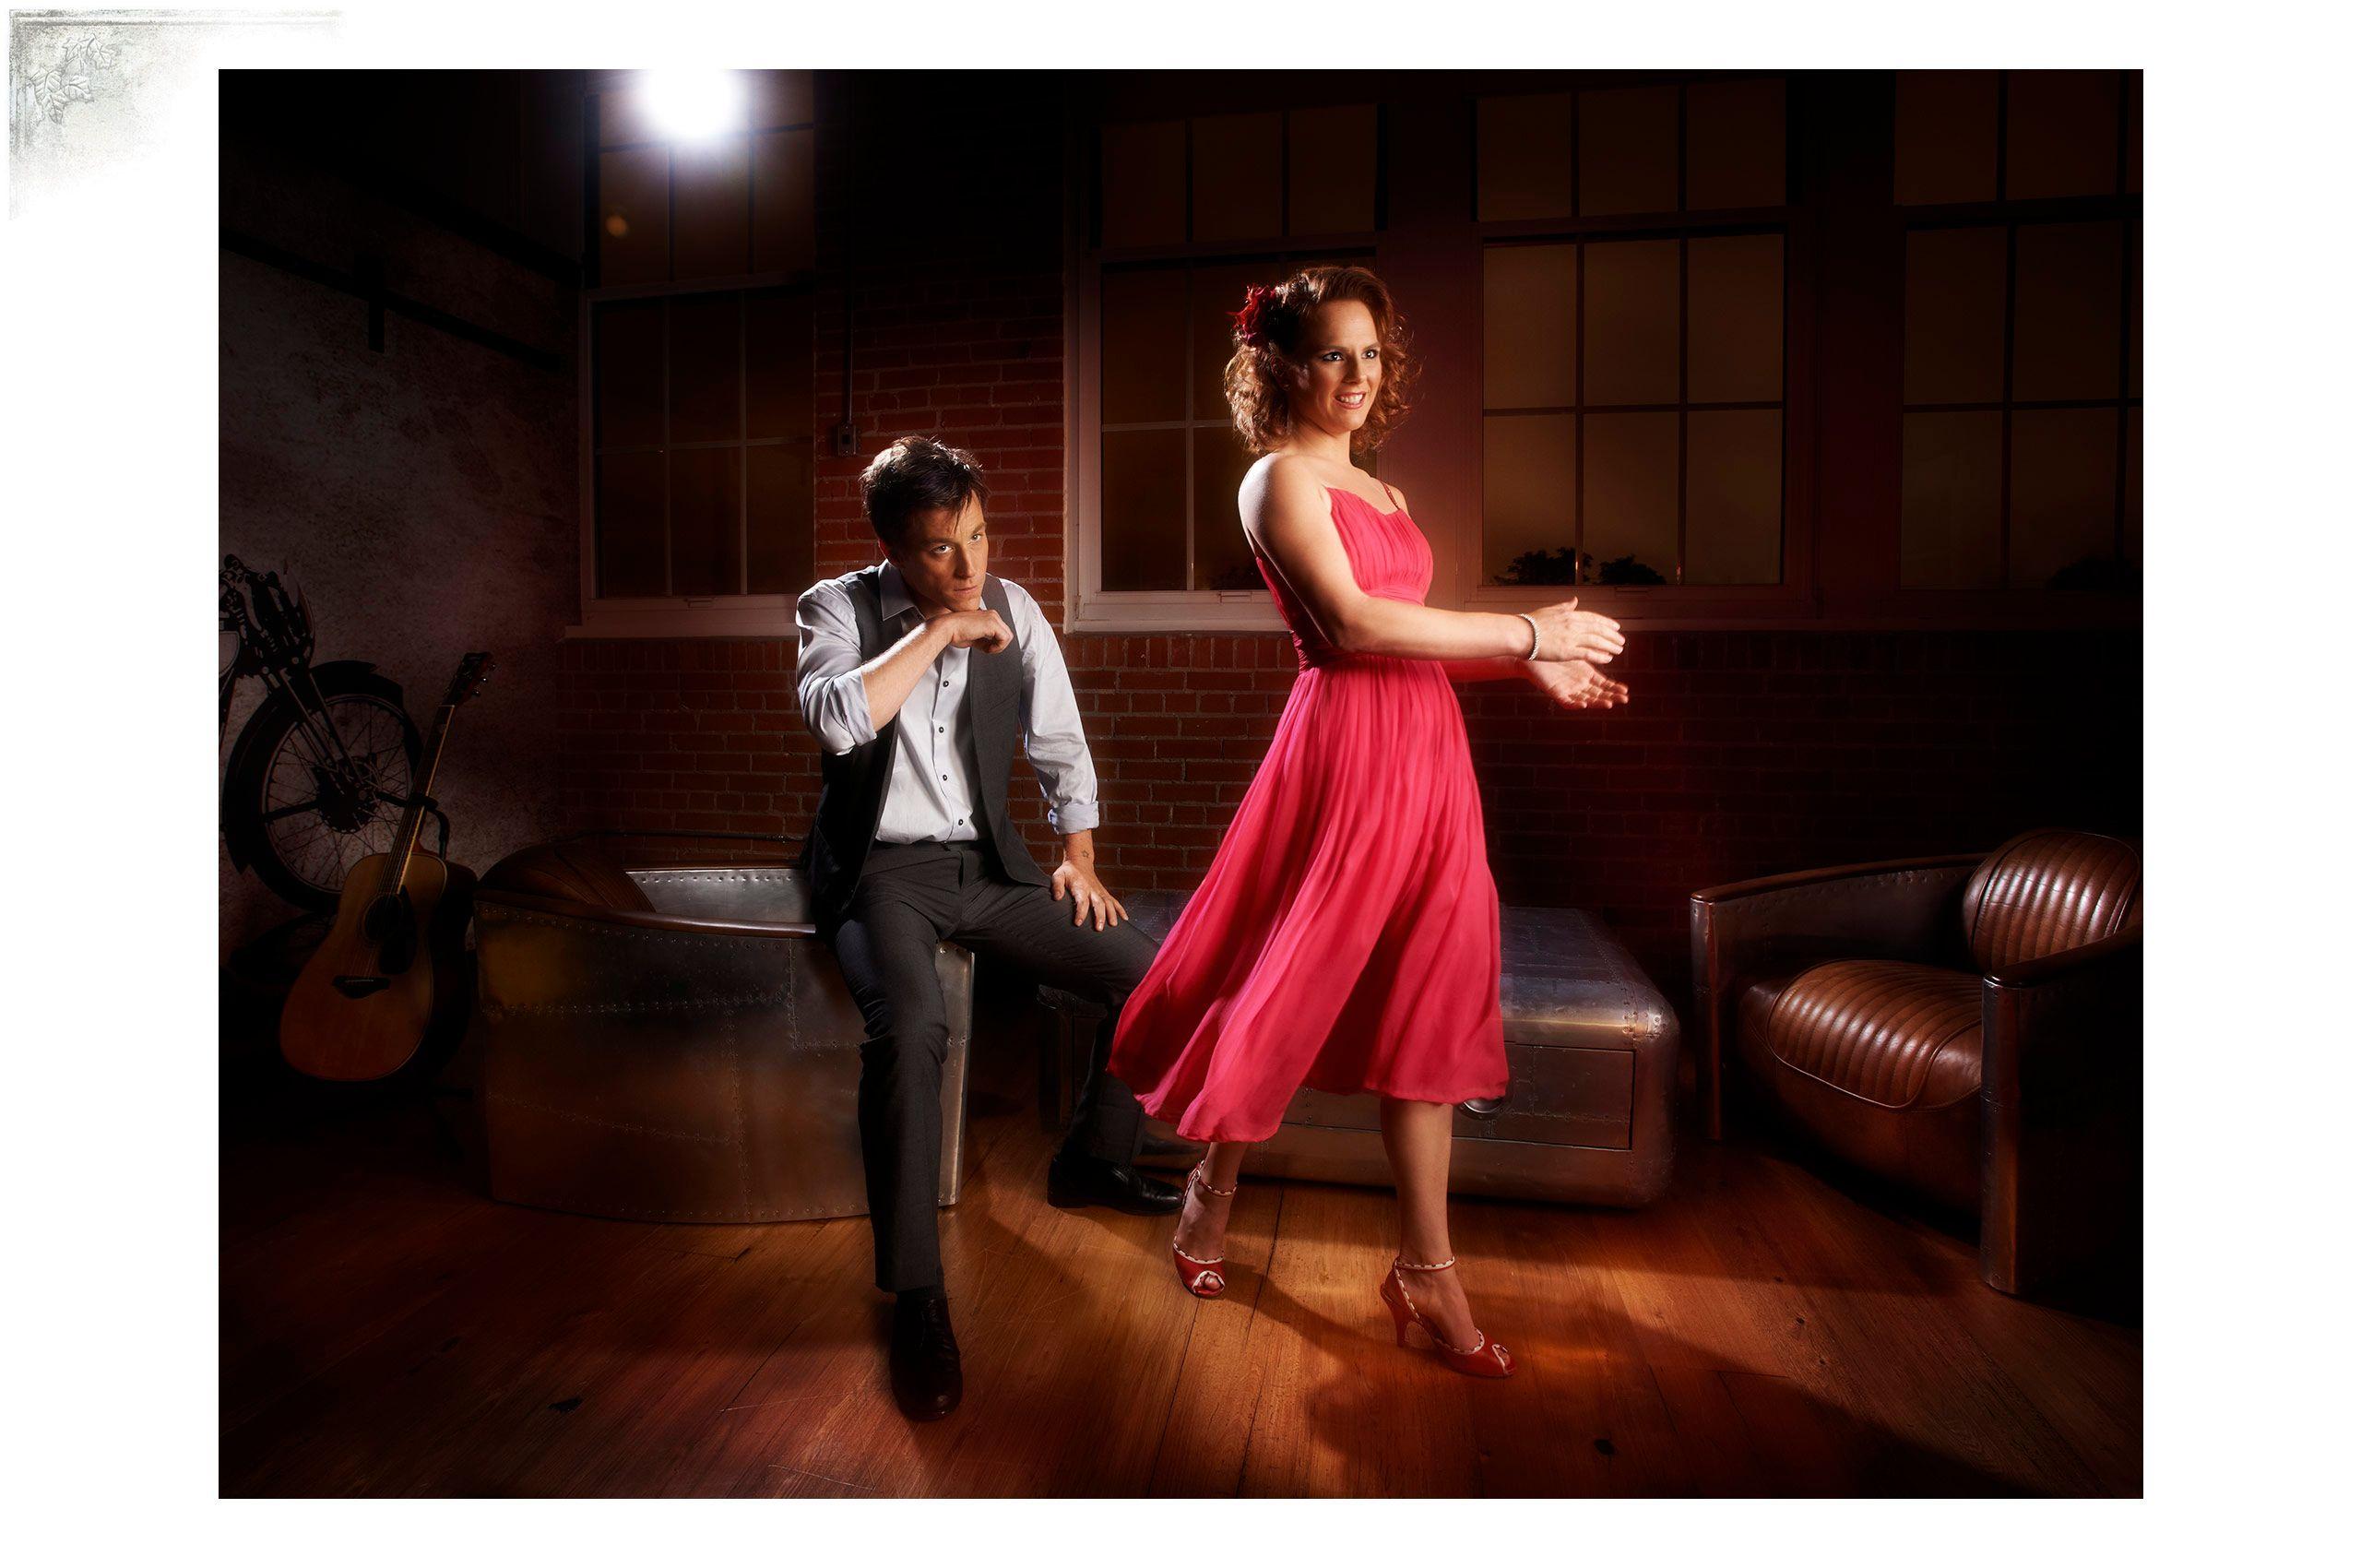 DancersPortfPage.jpg